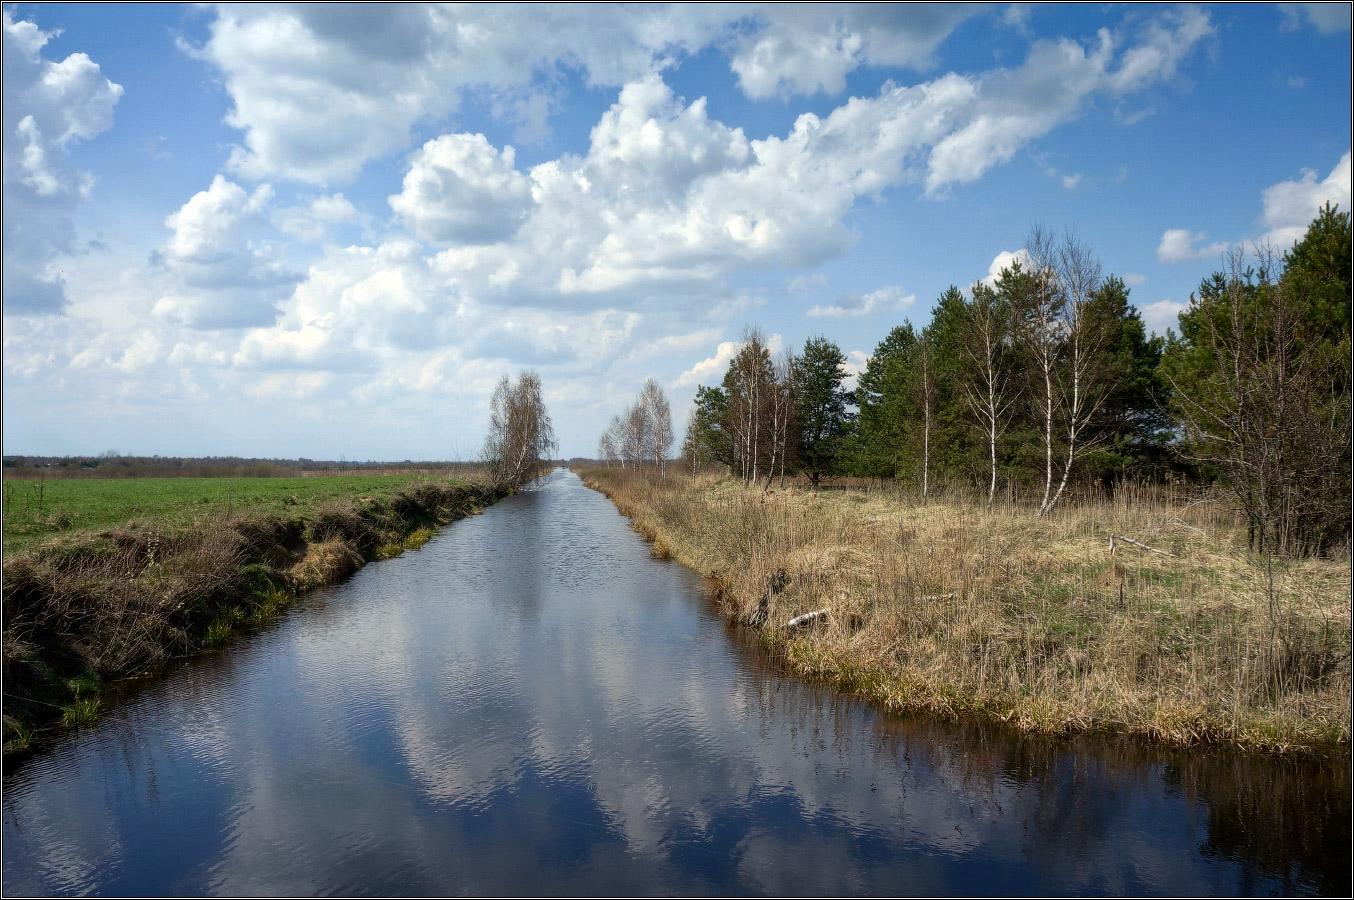 http://i3.imageban.ru/out/2012/04/25/ff6e9ca074efbdb67391a71577676e33.jpg